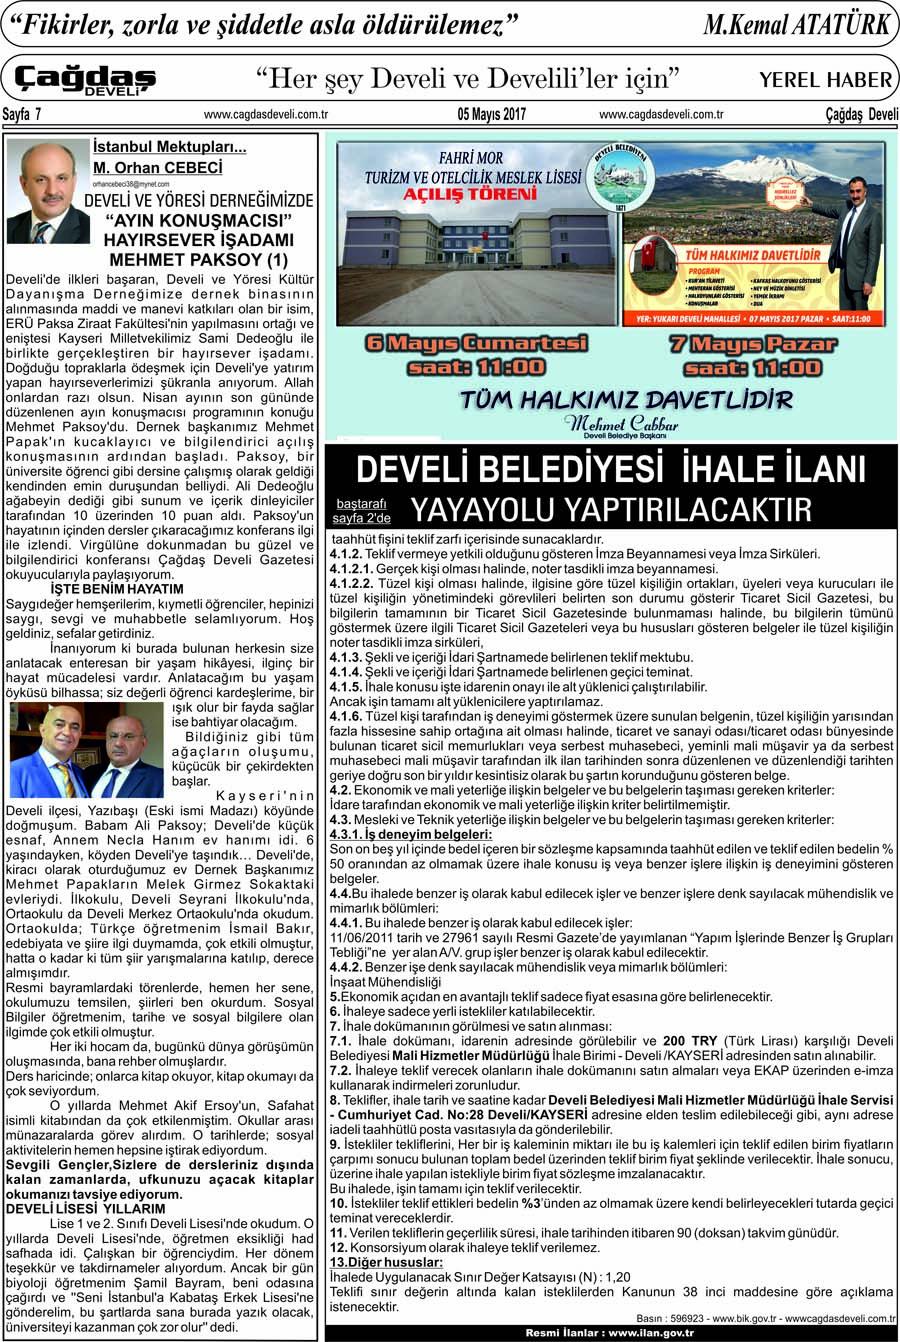 Çağdaş Develi Gazetesi, 05 Mayıs 2017, Sayfa 7